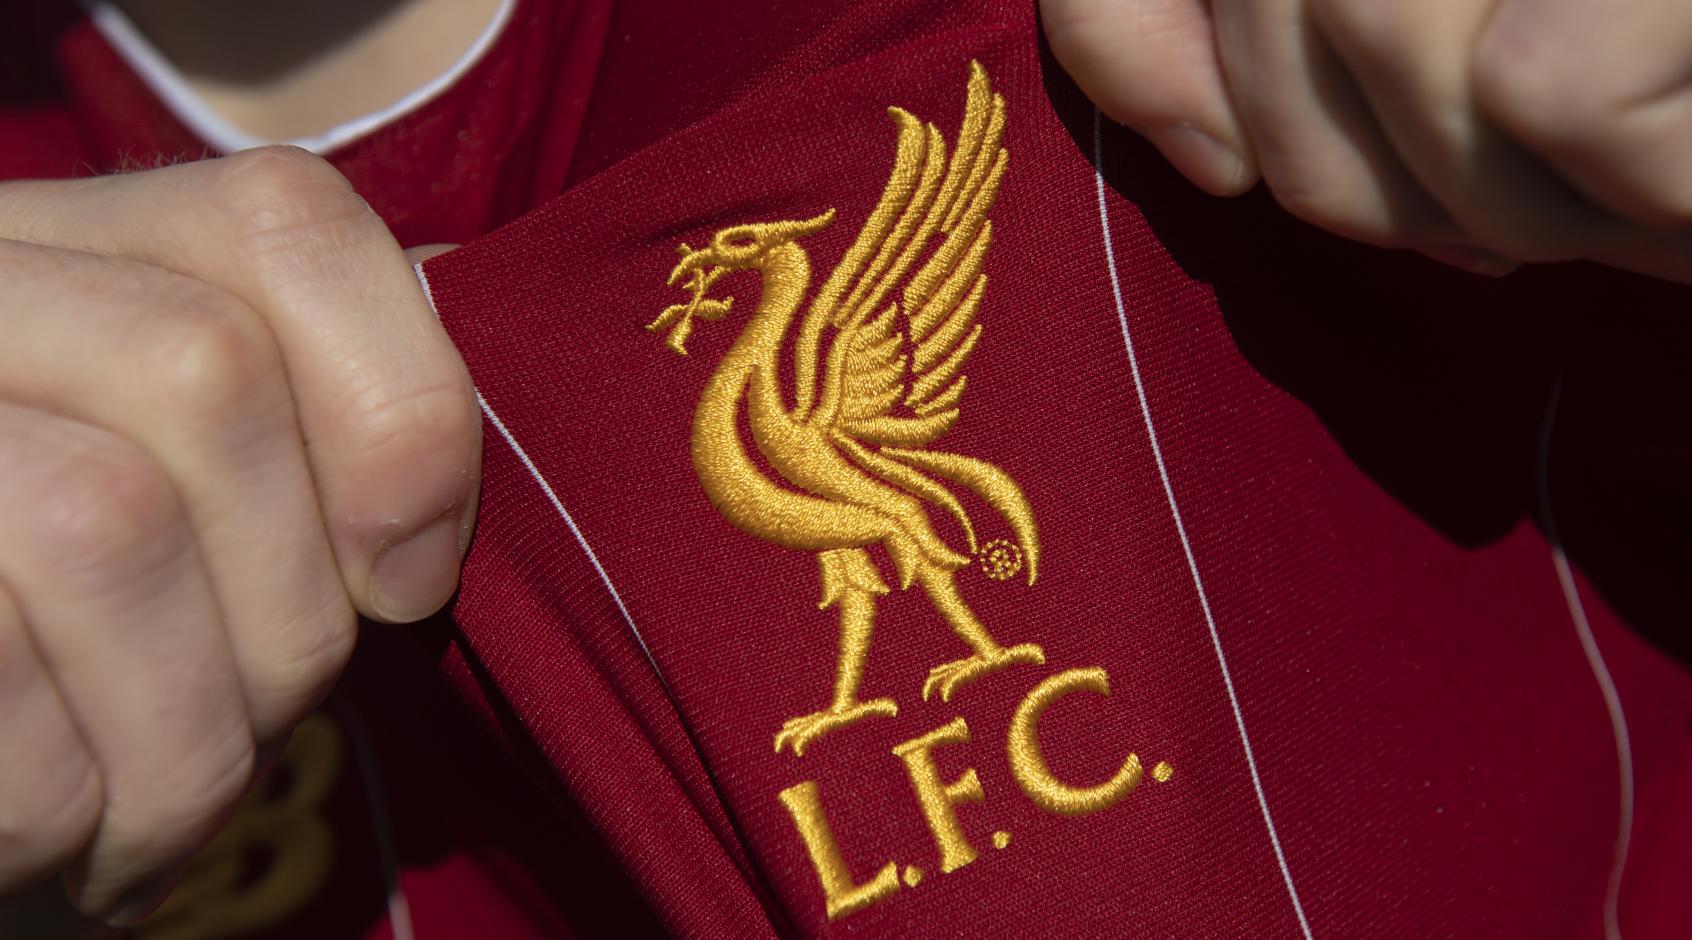 """Владельцы """"Ливерпуля"""" и """"Манчестер Юнайтед"""" выставят клубы на продажу после фиаско Суперлиги"""